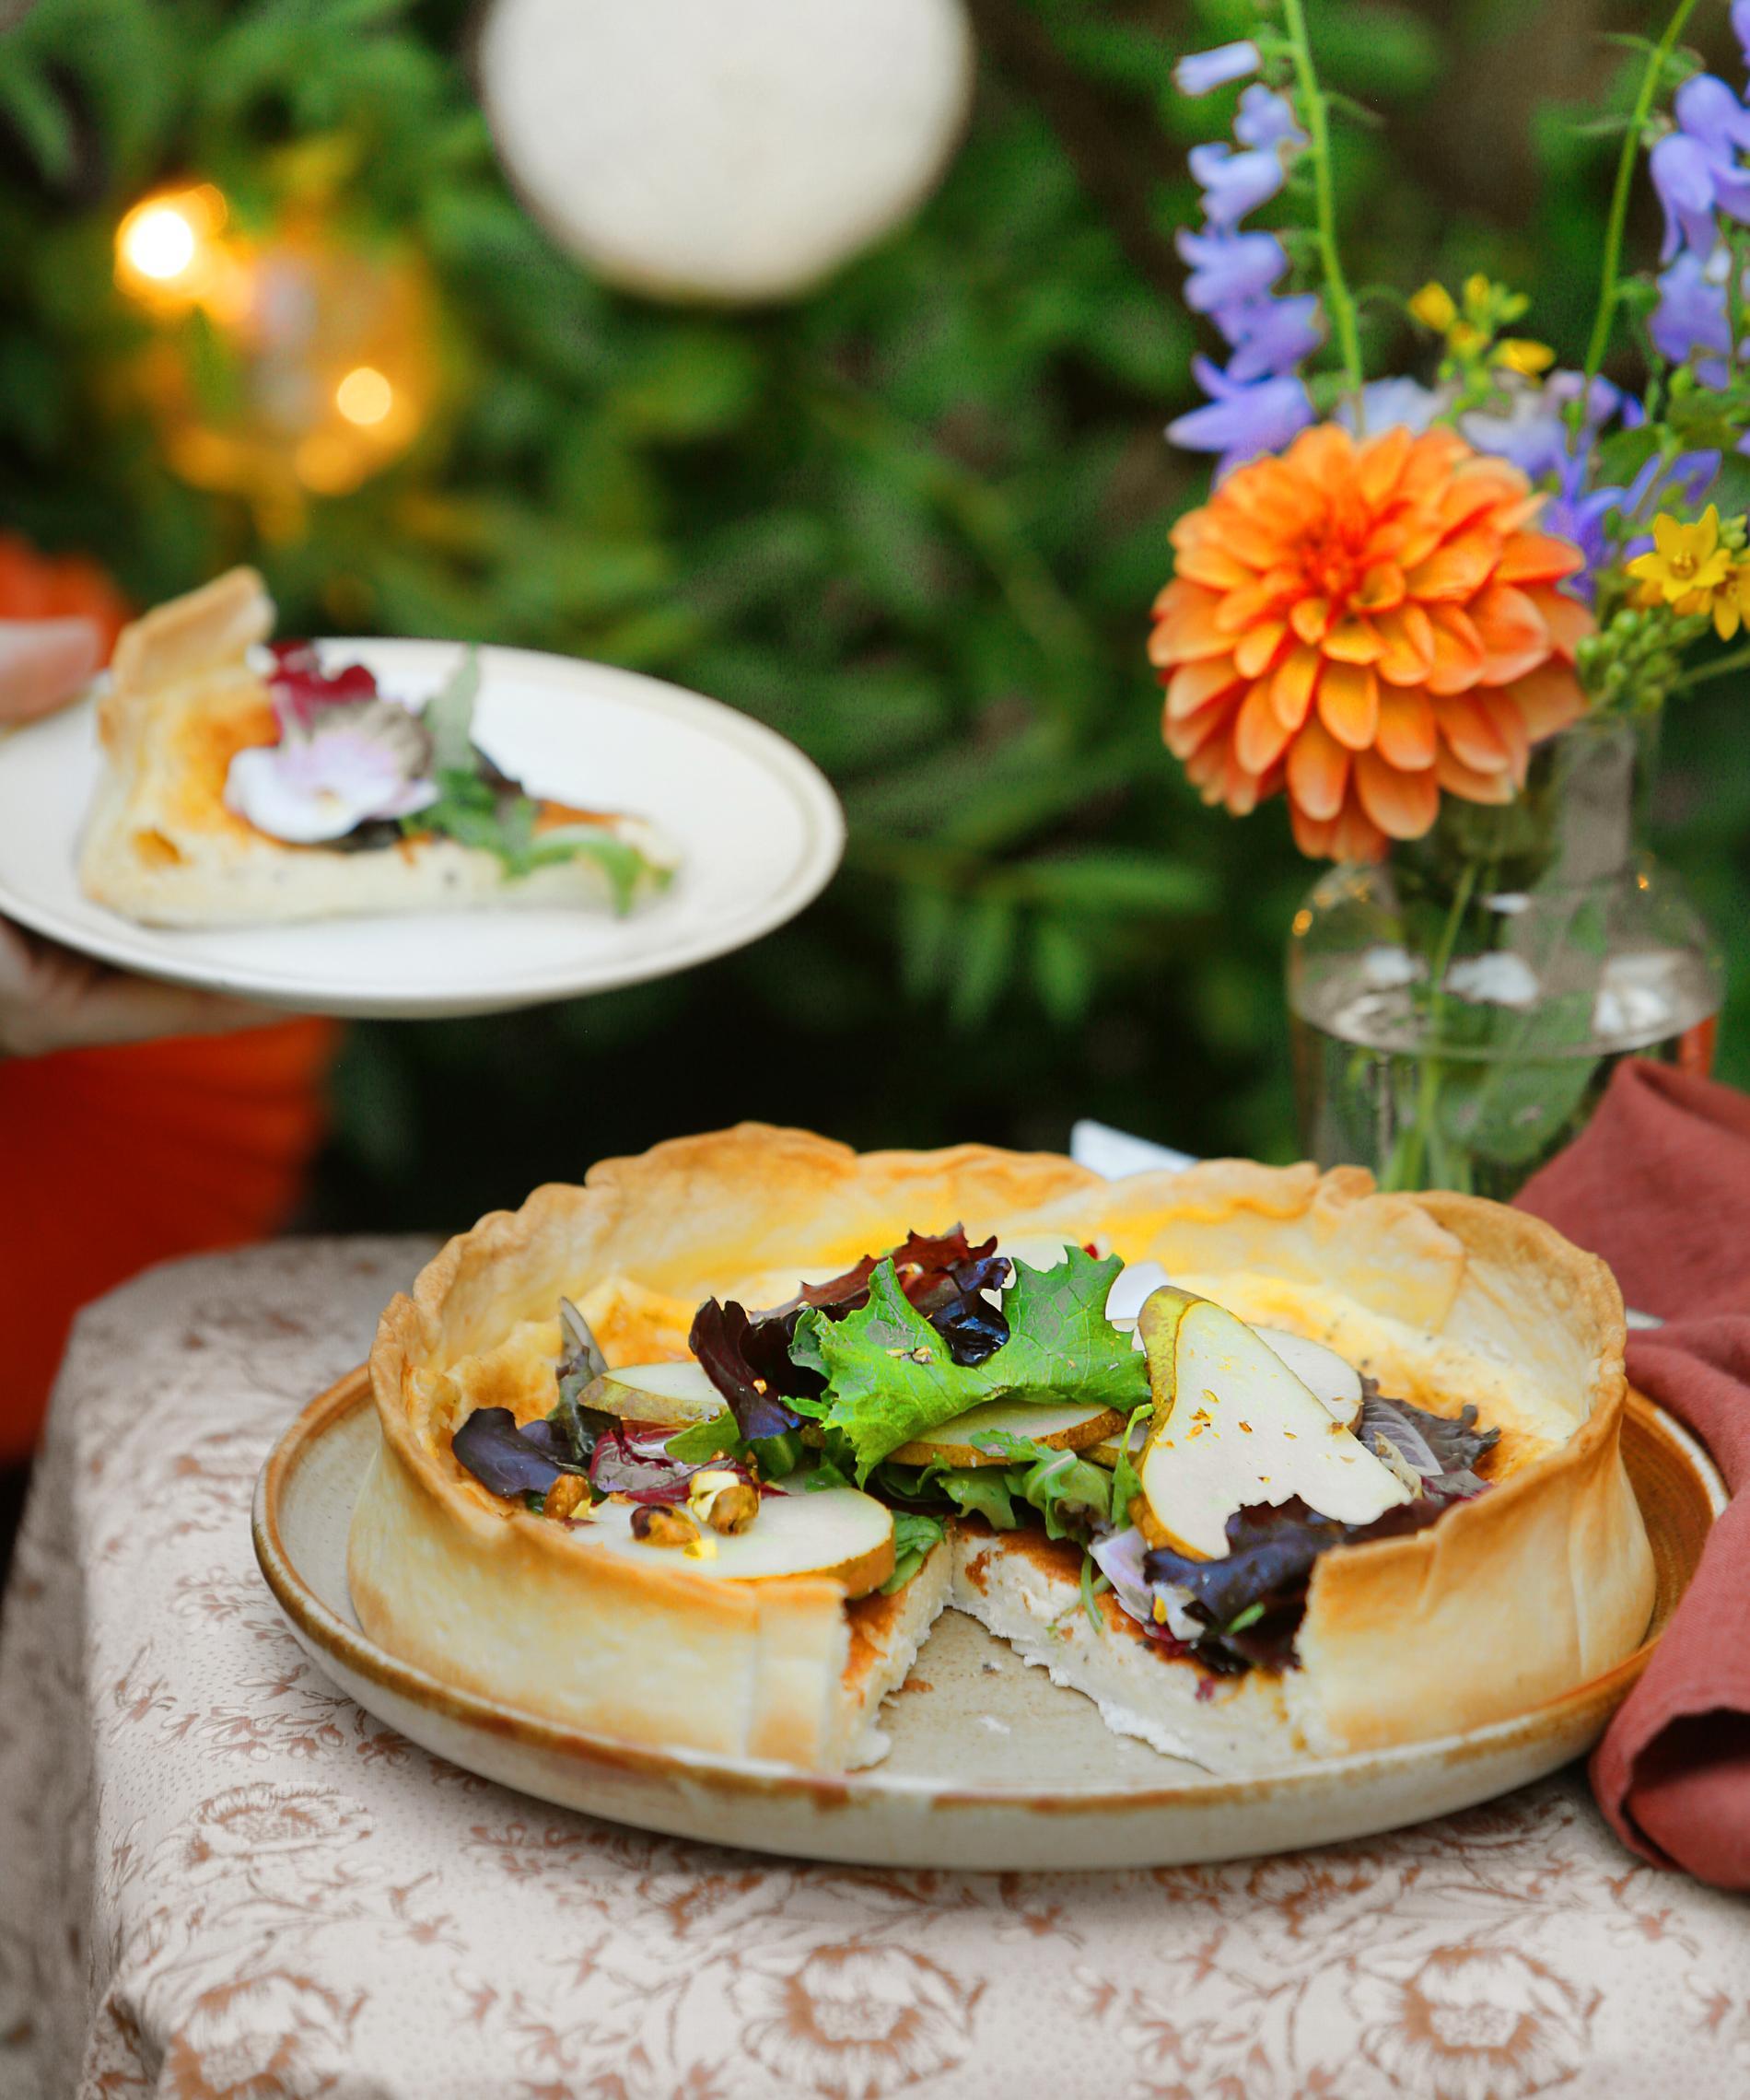 Västerbottenpaj med citronmarinerade päronskivor och nötter.